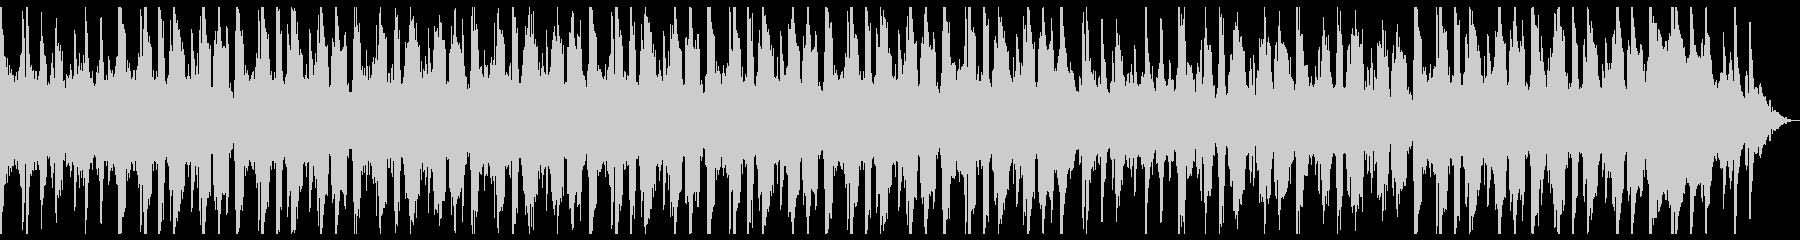 ピアノの旋律が素晴らしいチルトラック♪の未再生の波形